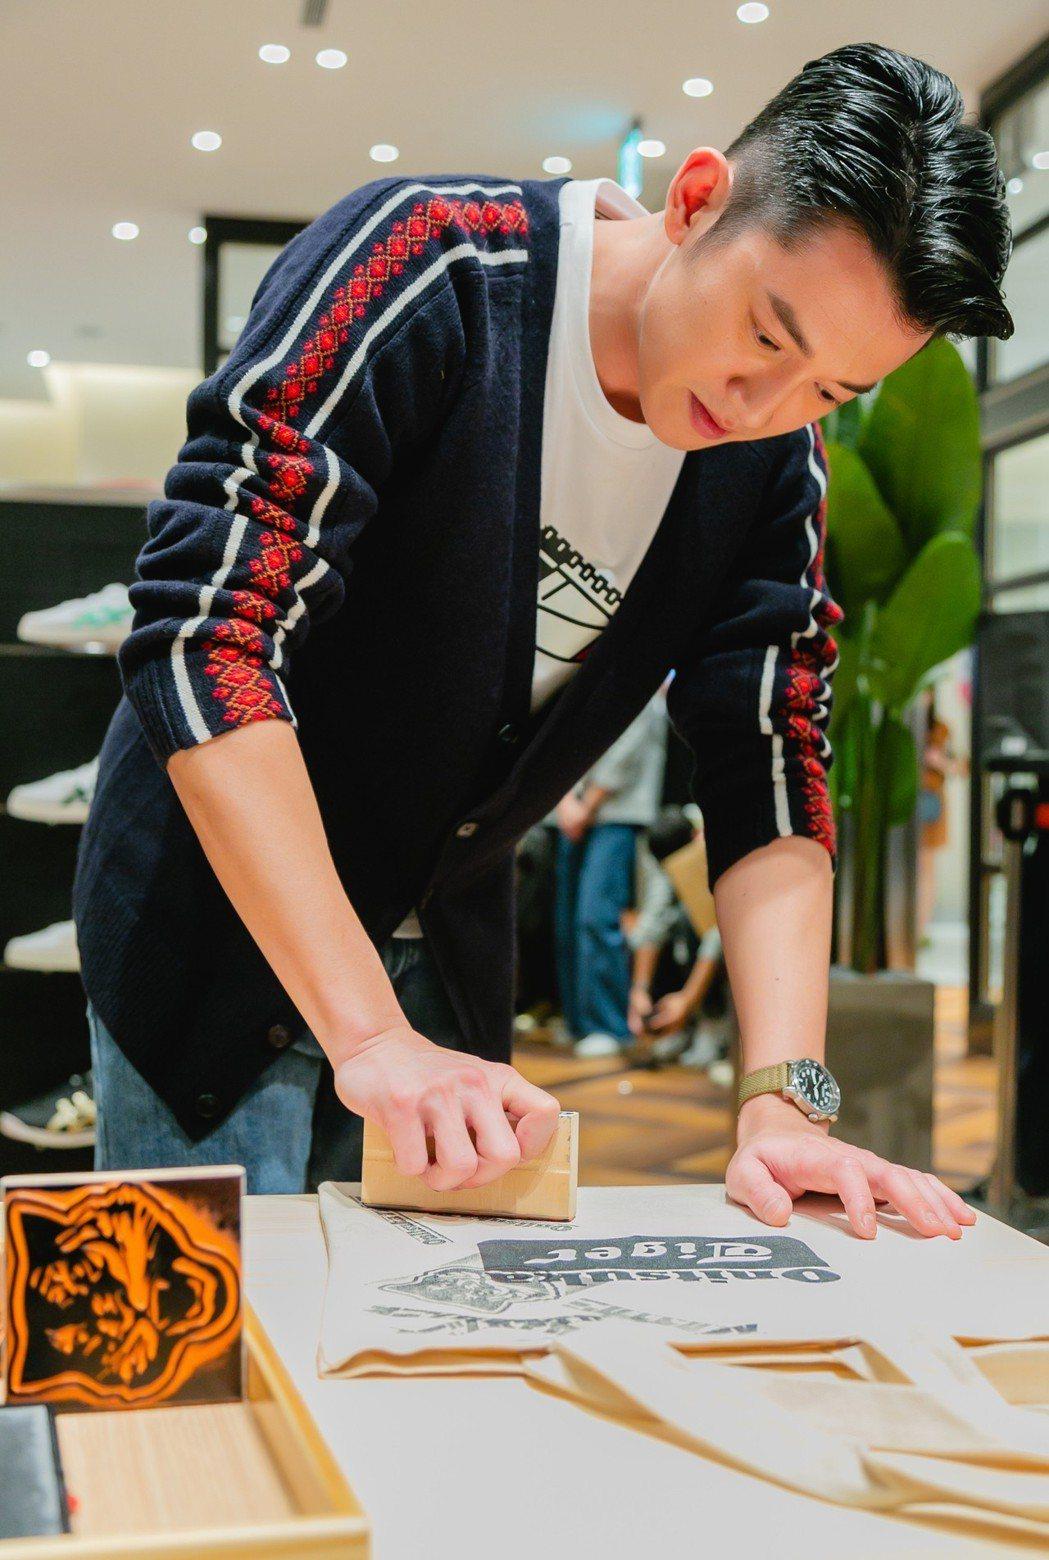 吳慷仁出席運動品牌活動,自稱手作匠人。圖/Onitsuka Tiger提供